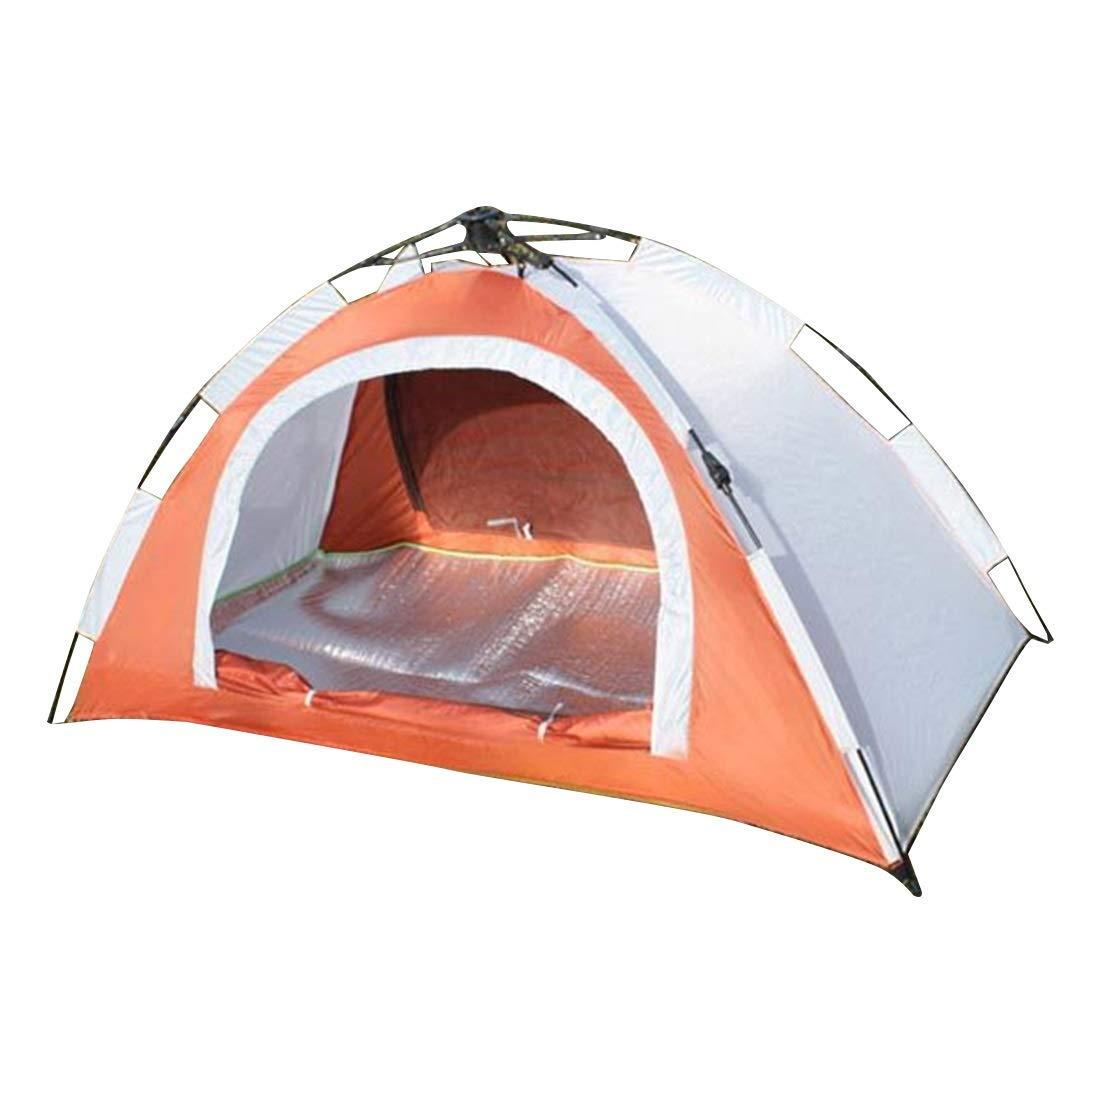 Kunliyin YY1 1 Person automatisches Zelt für Camping im Freien